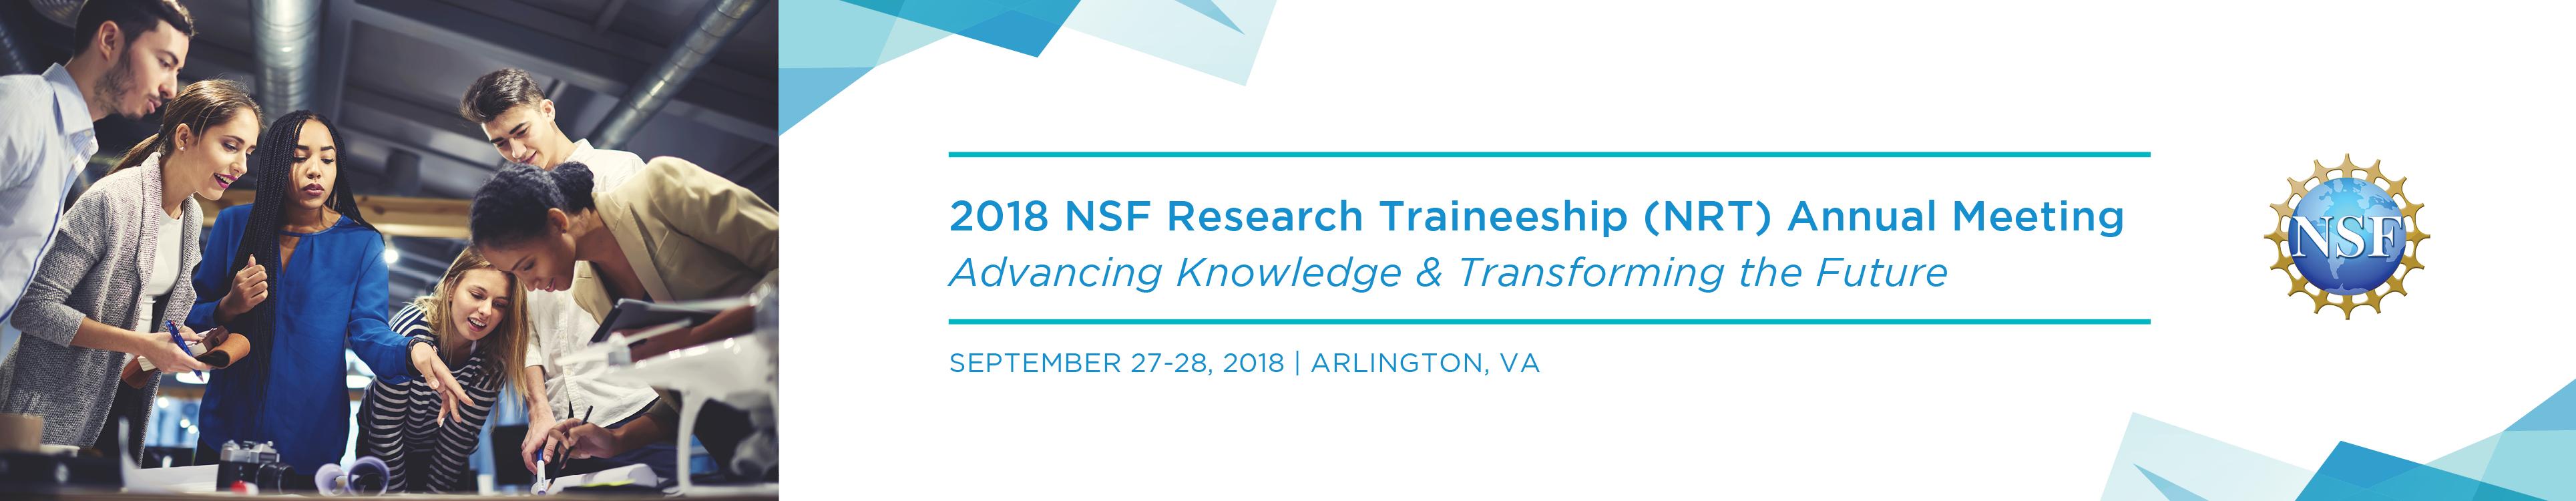 2018 NSF Research Traineeship